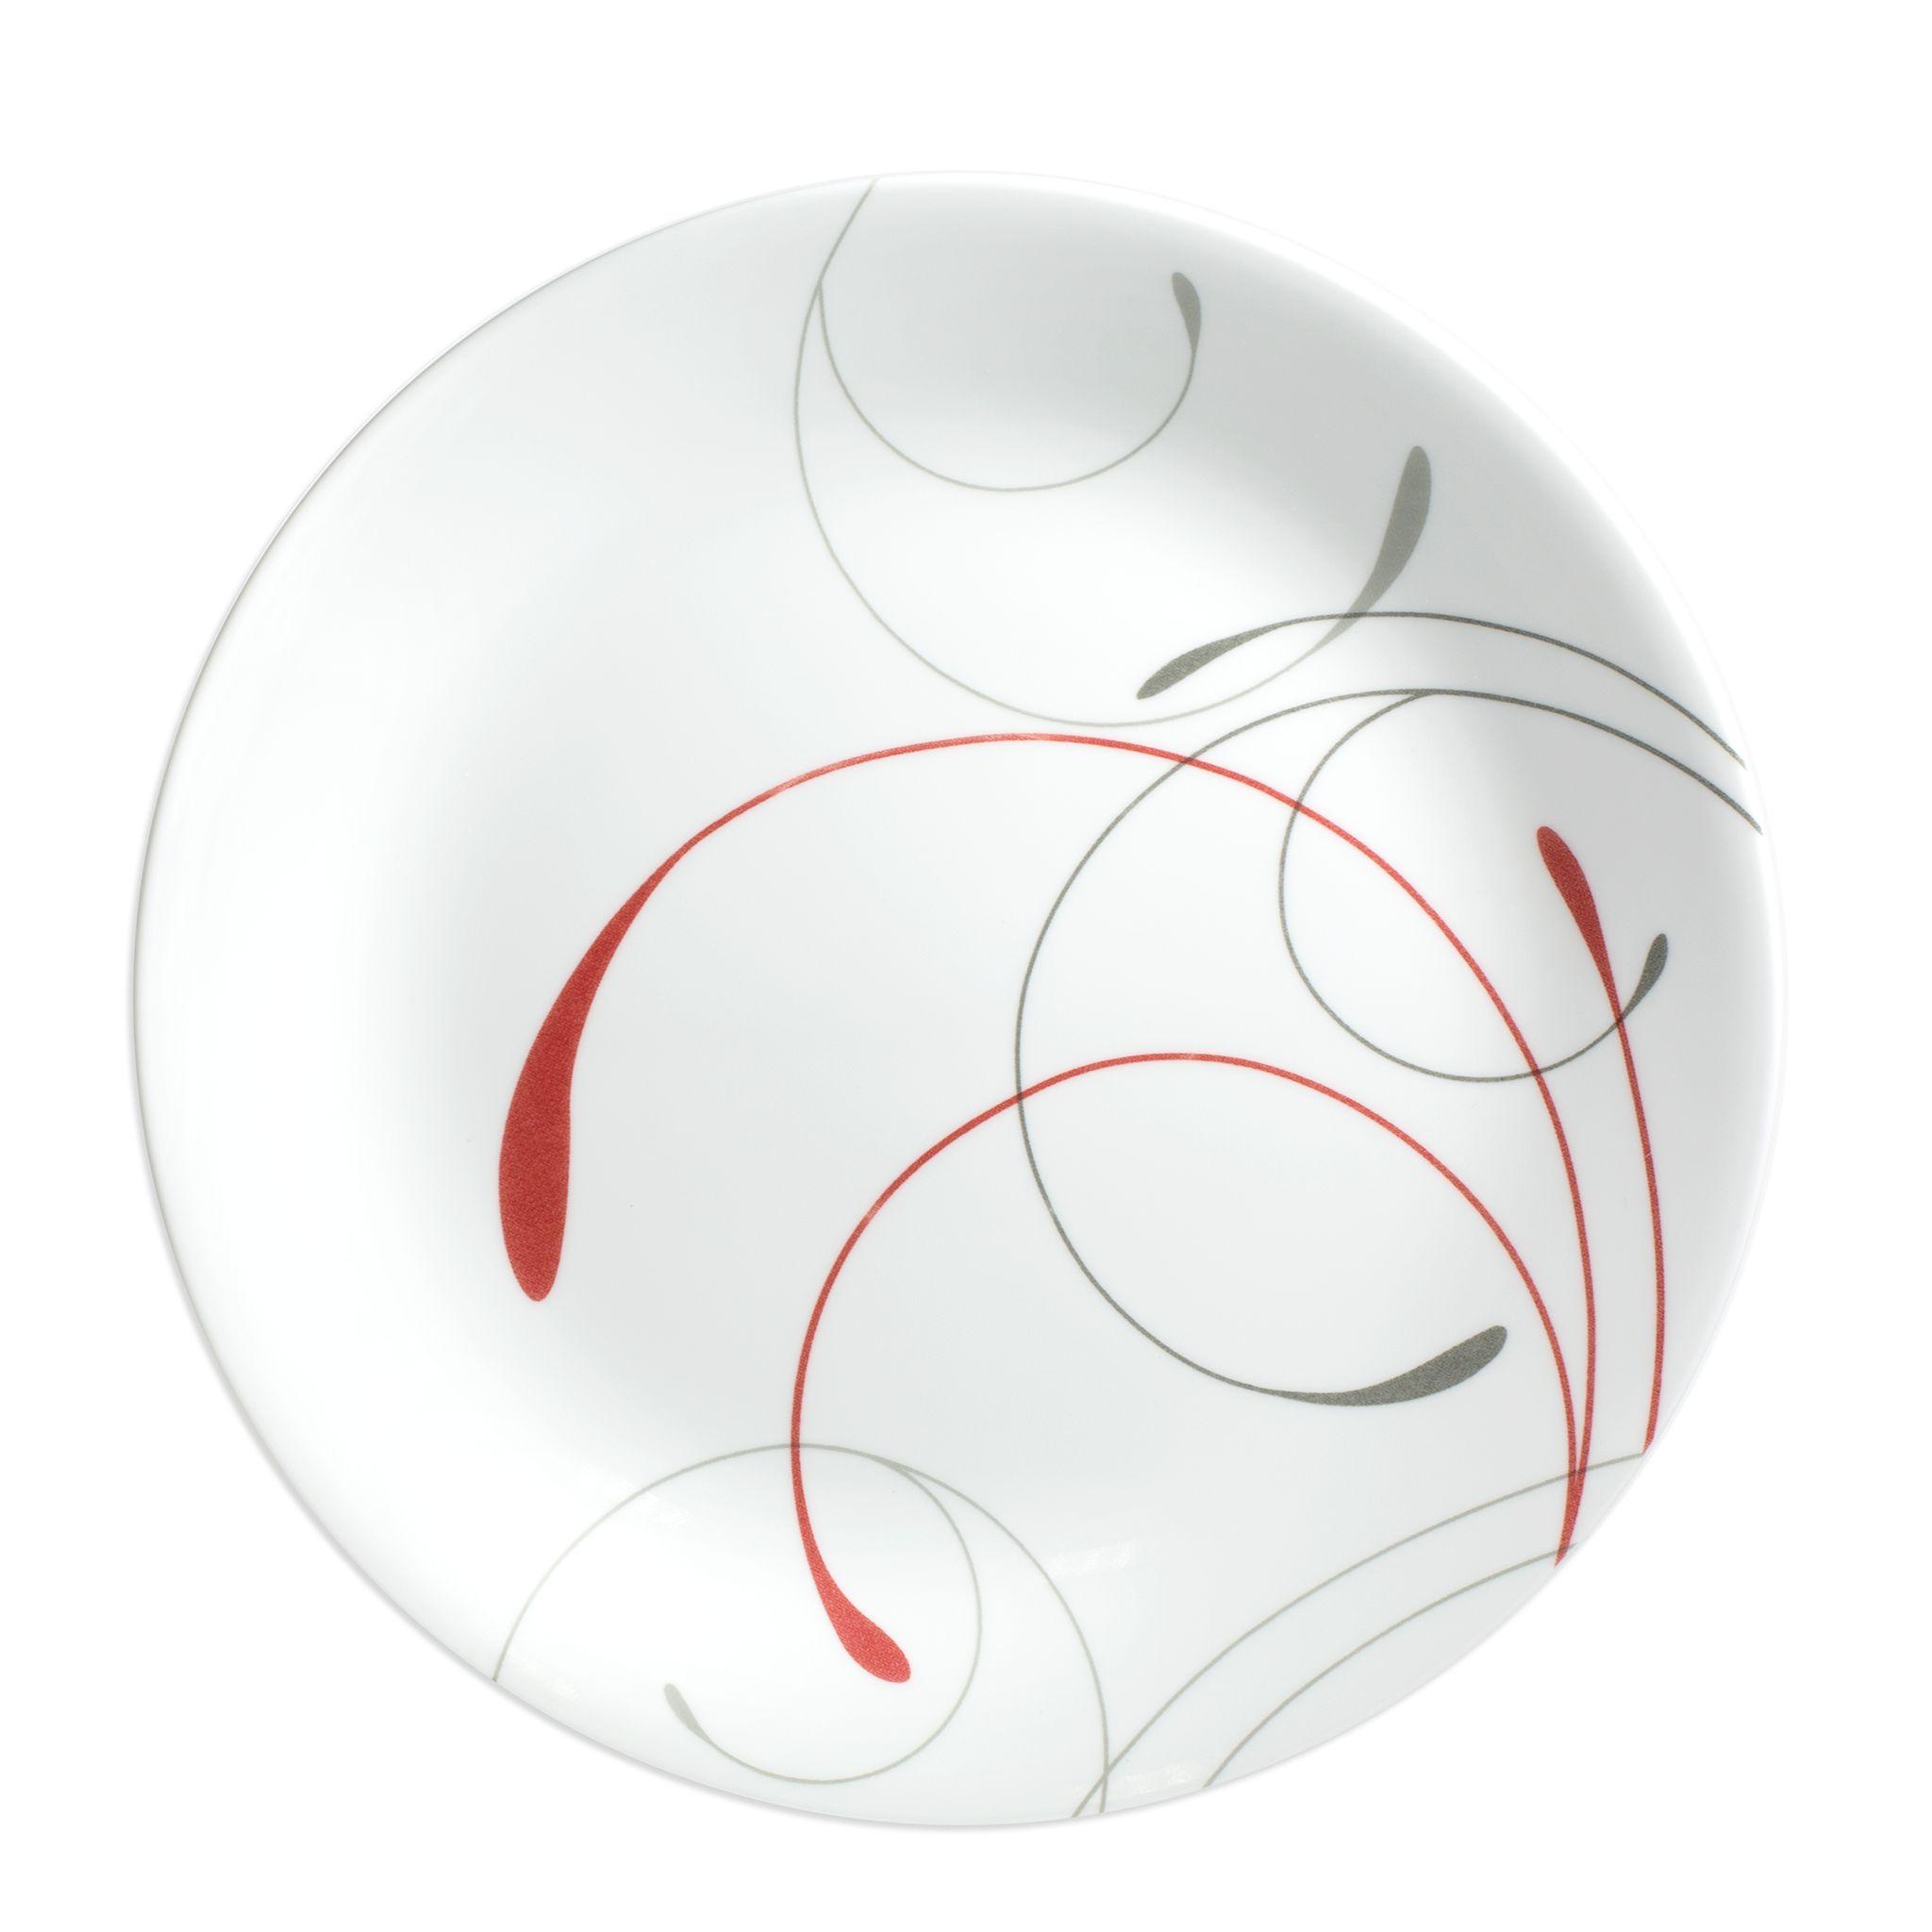 Corelle_Livingware_Splendor_1025_Plate